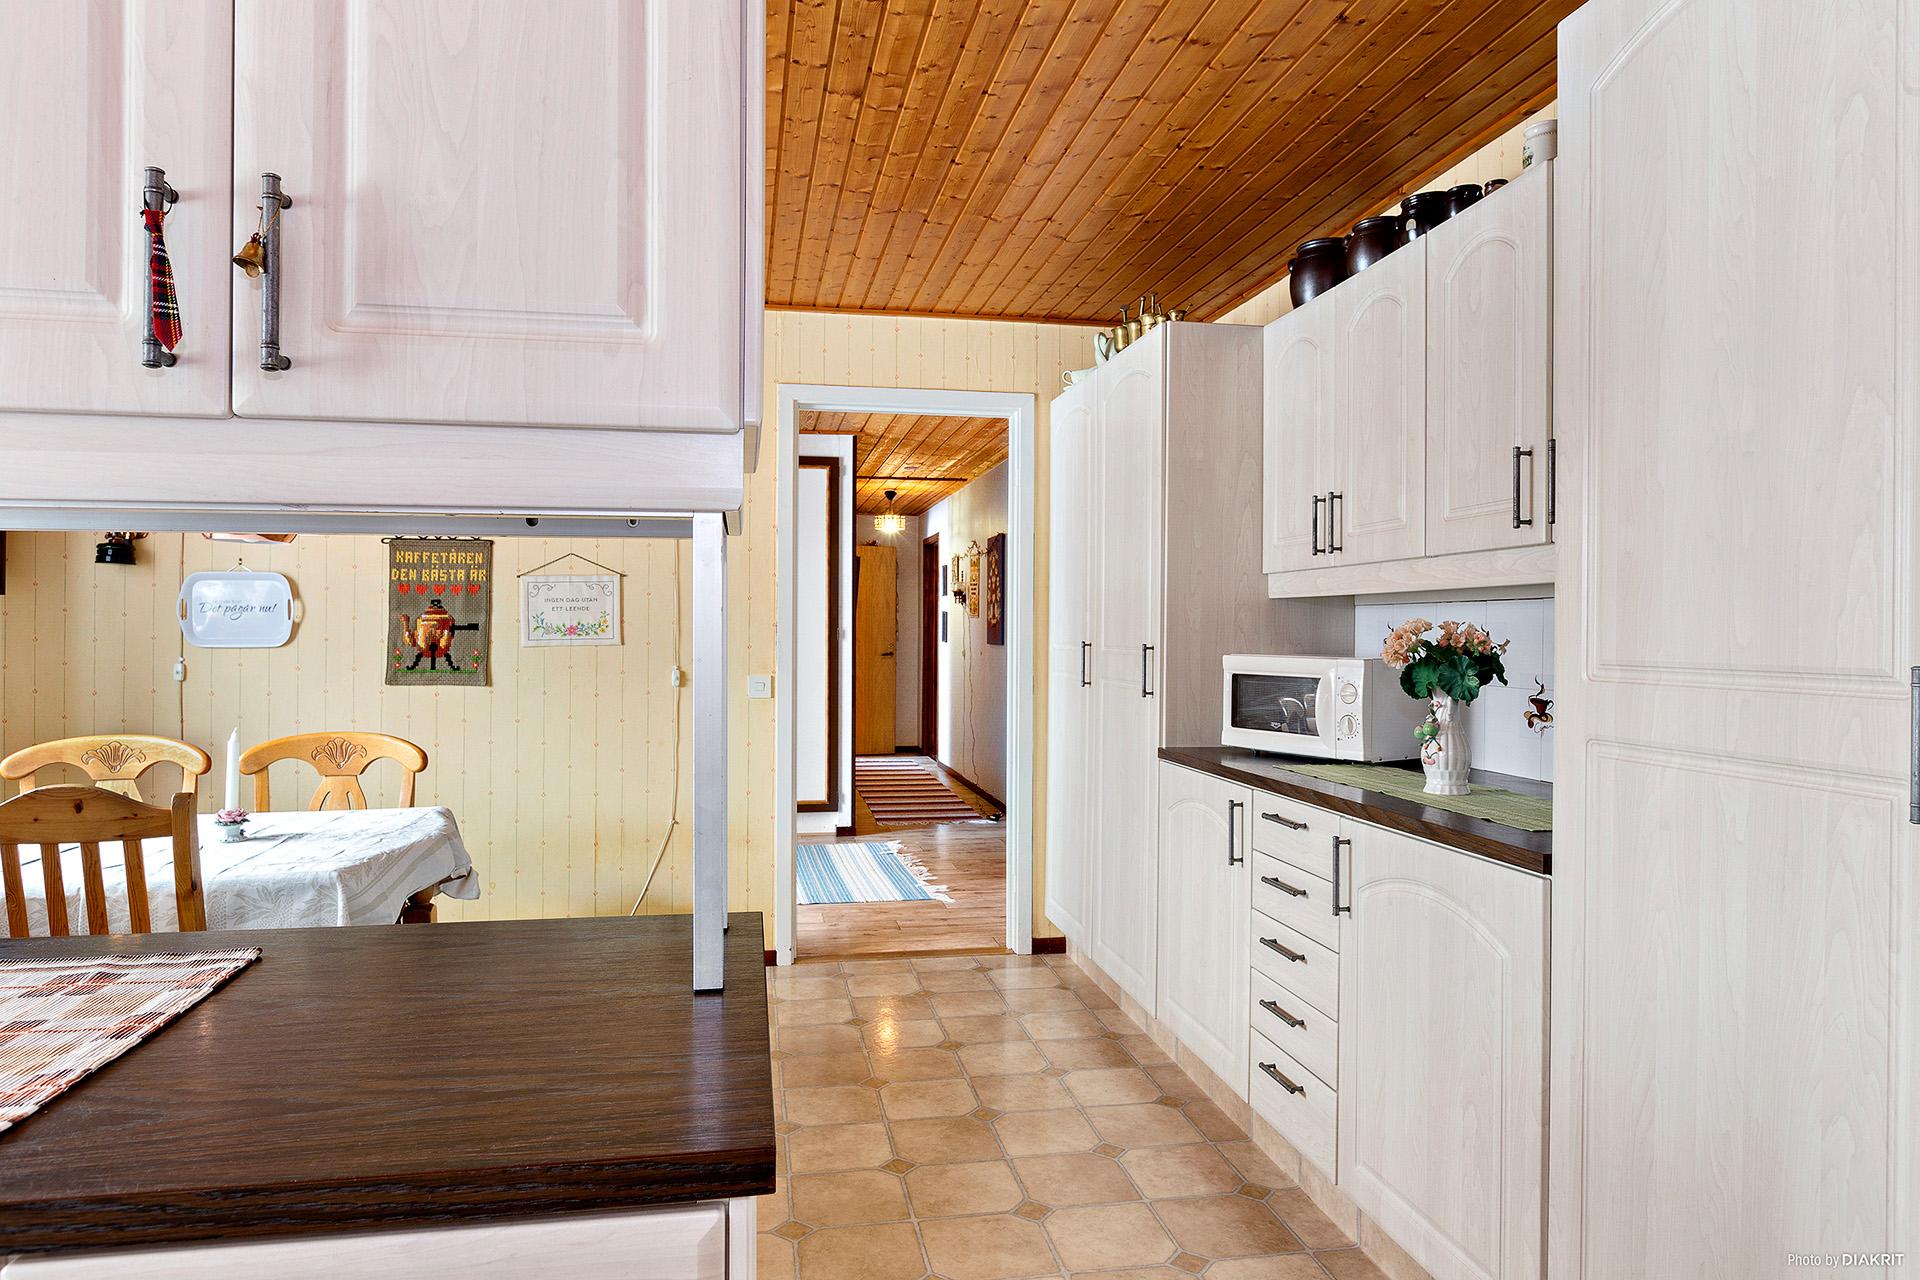 Köket med vy in i hallen och husets övriga rum.